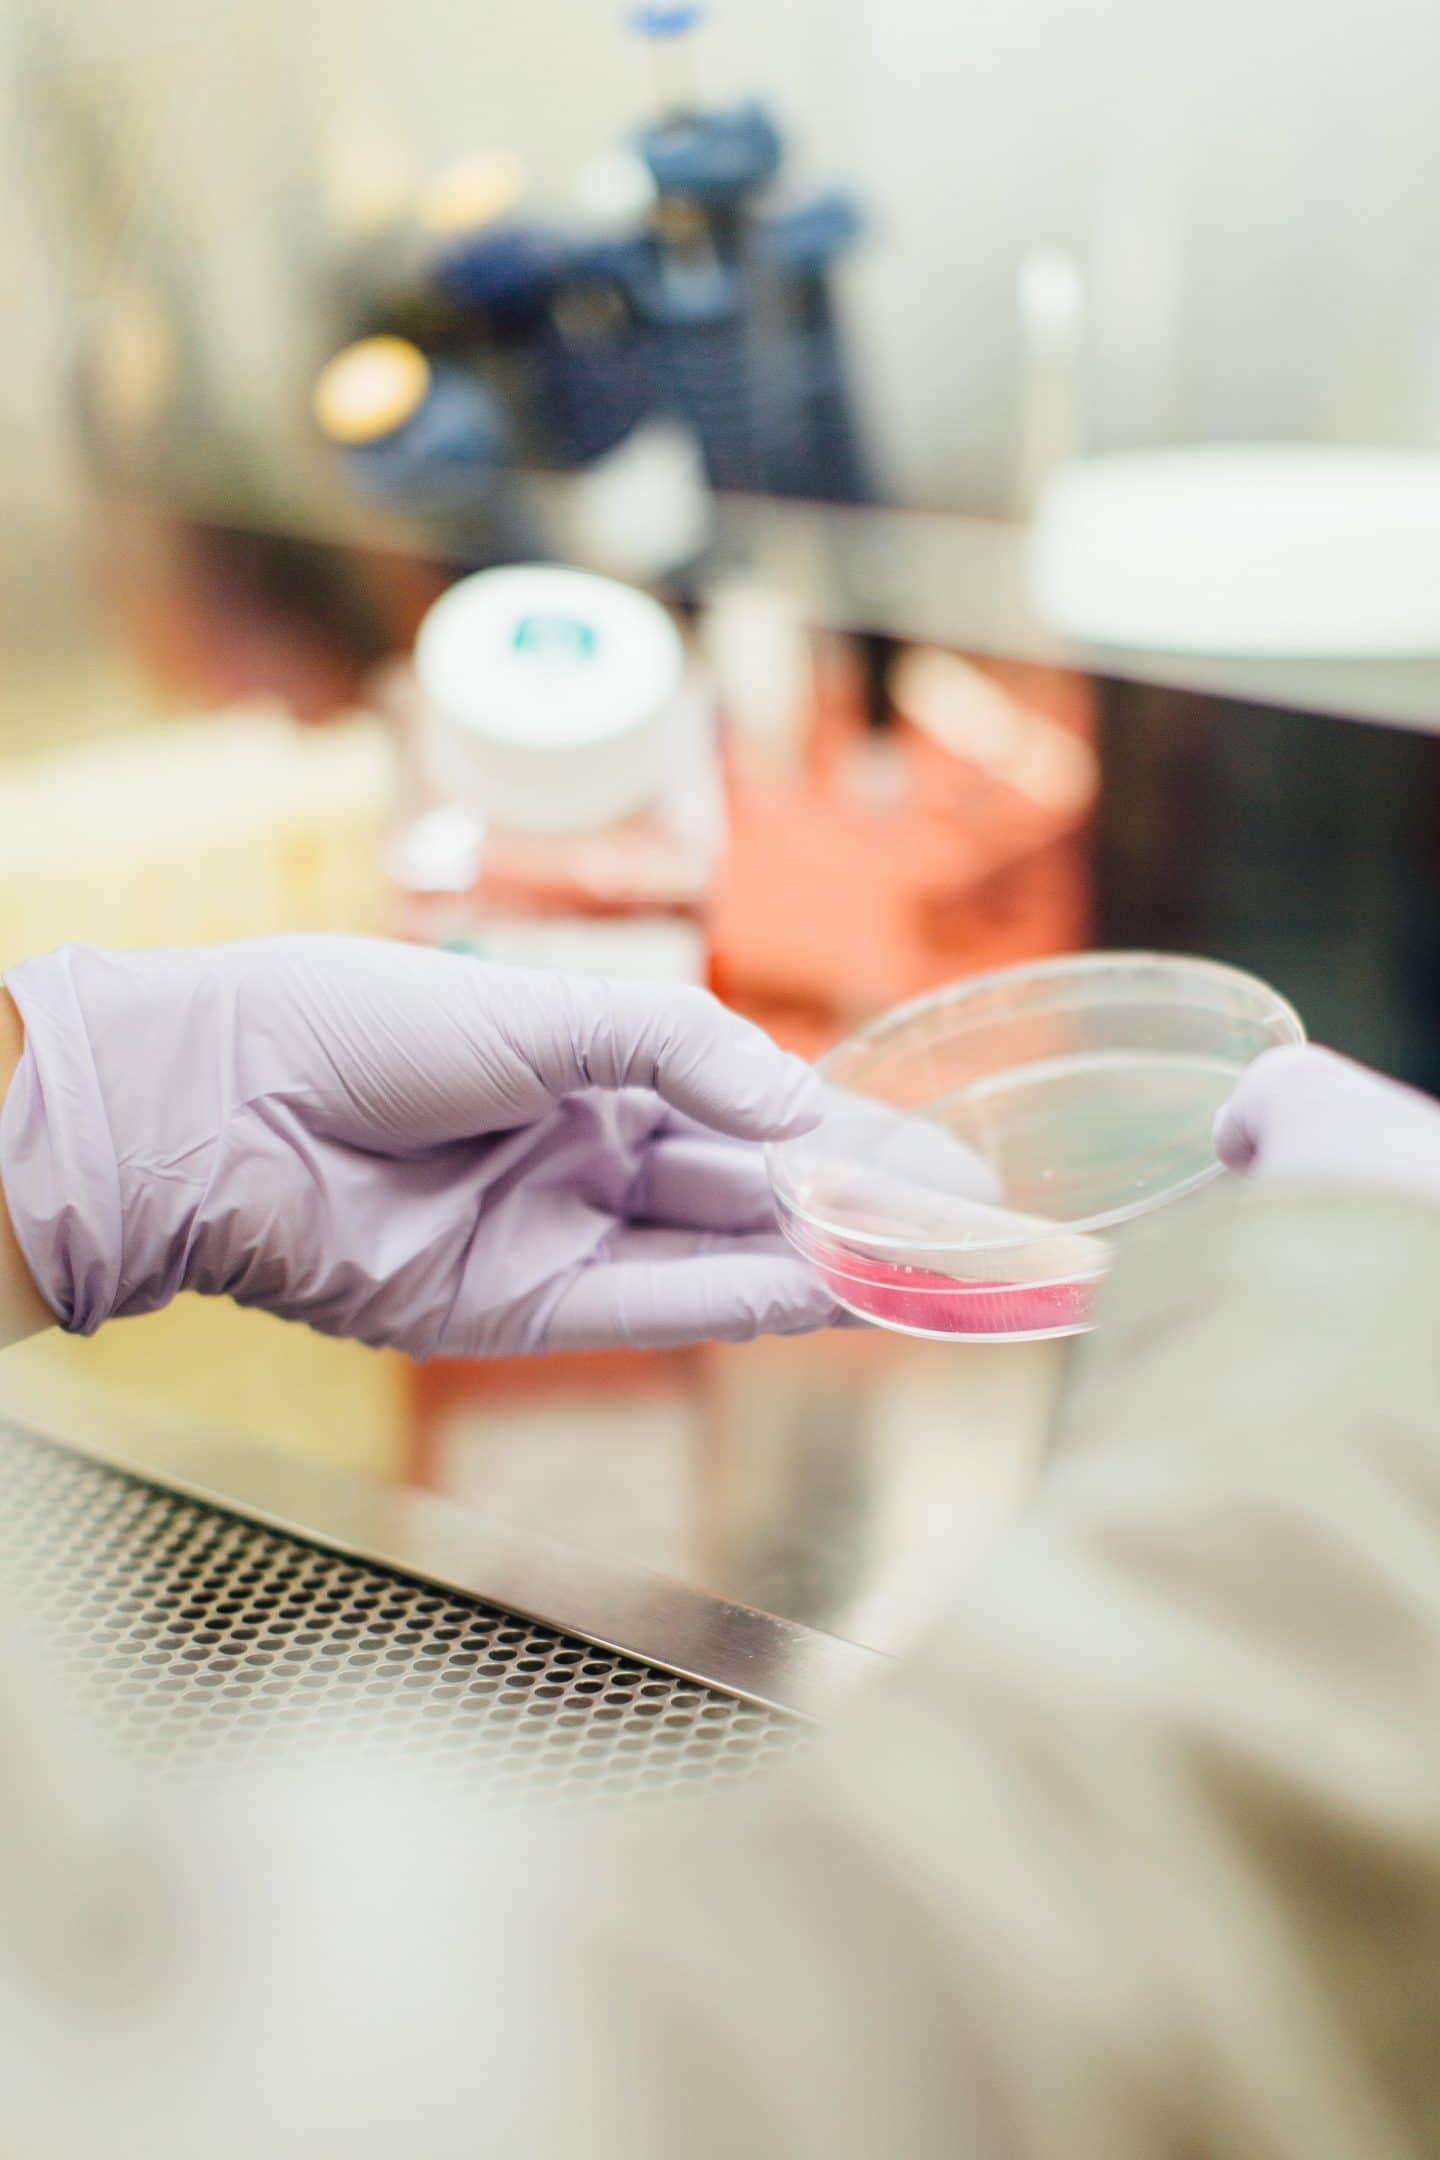 coronavírus em laboratório de análises